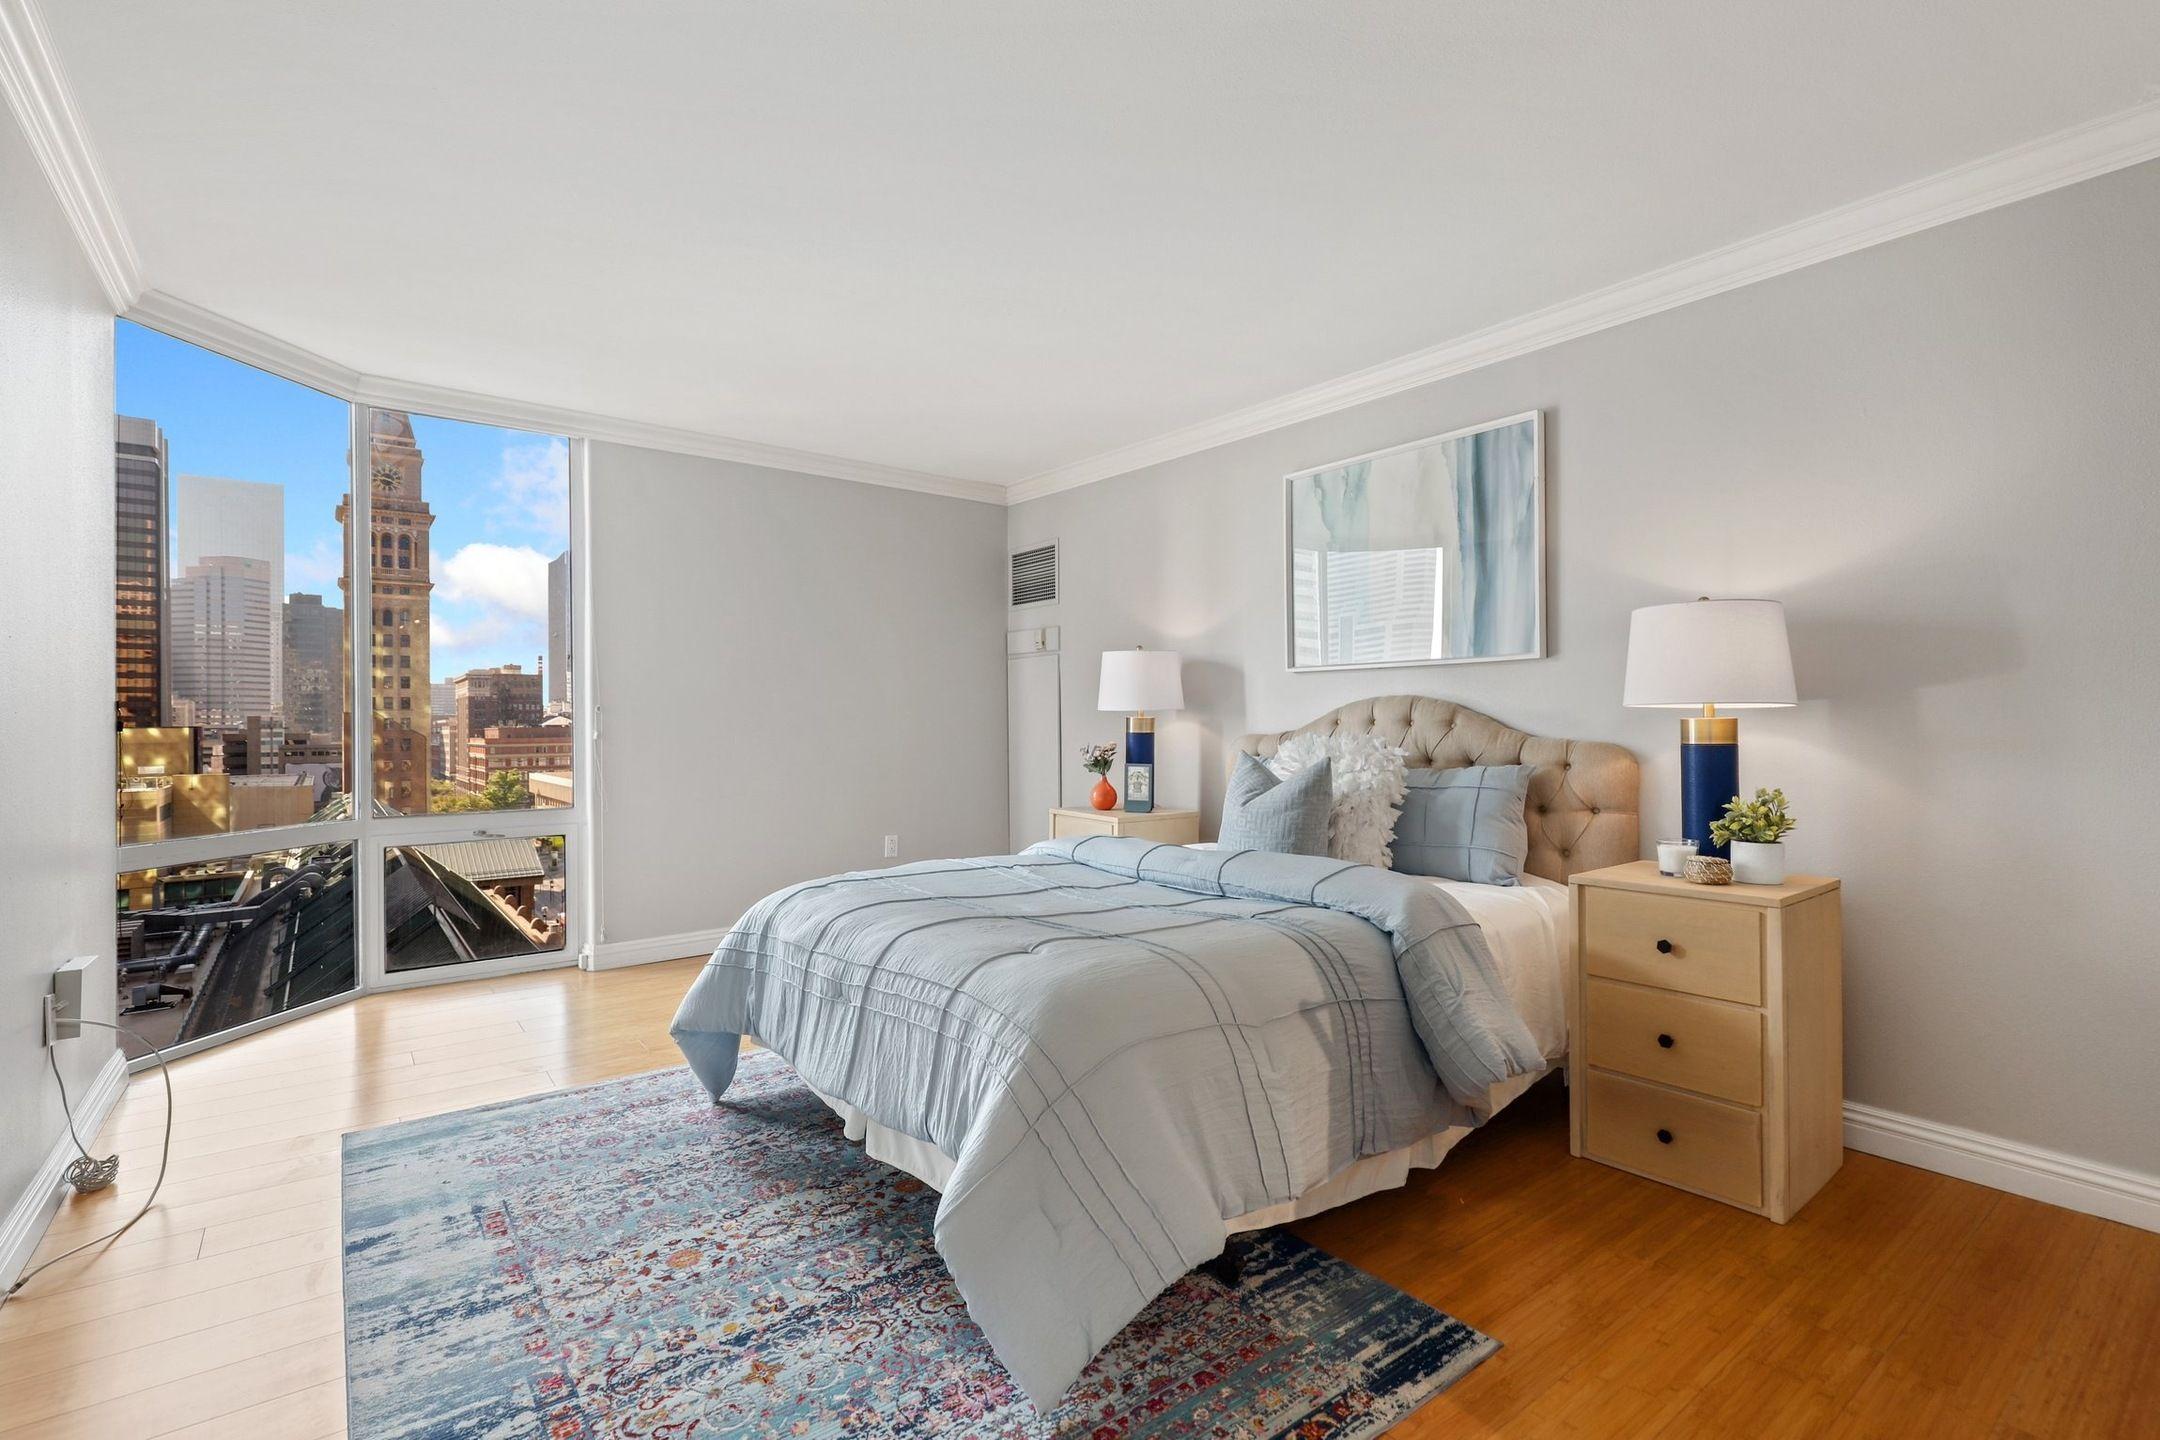 1625 Larimer St. #1103 bedroom